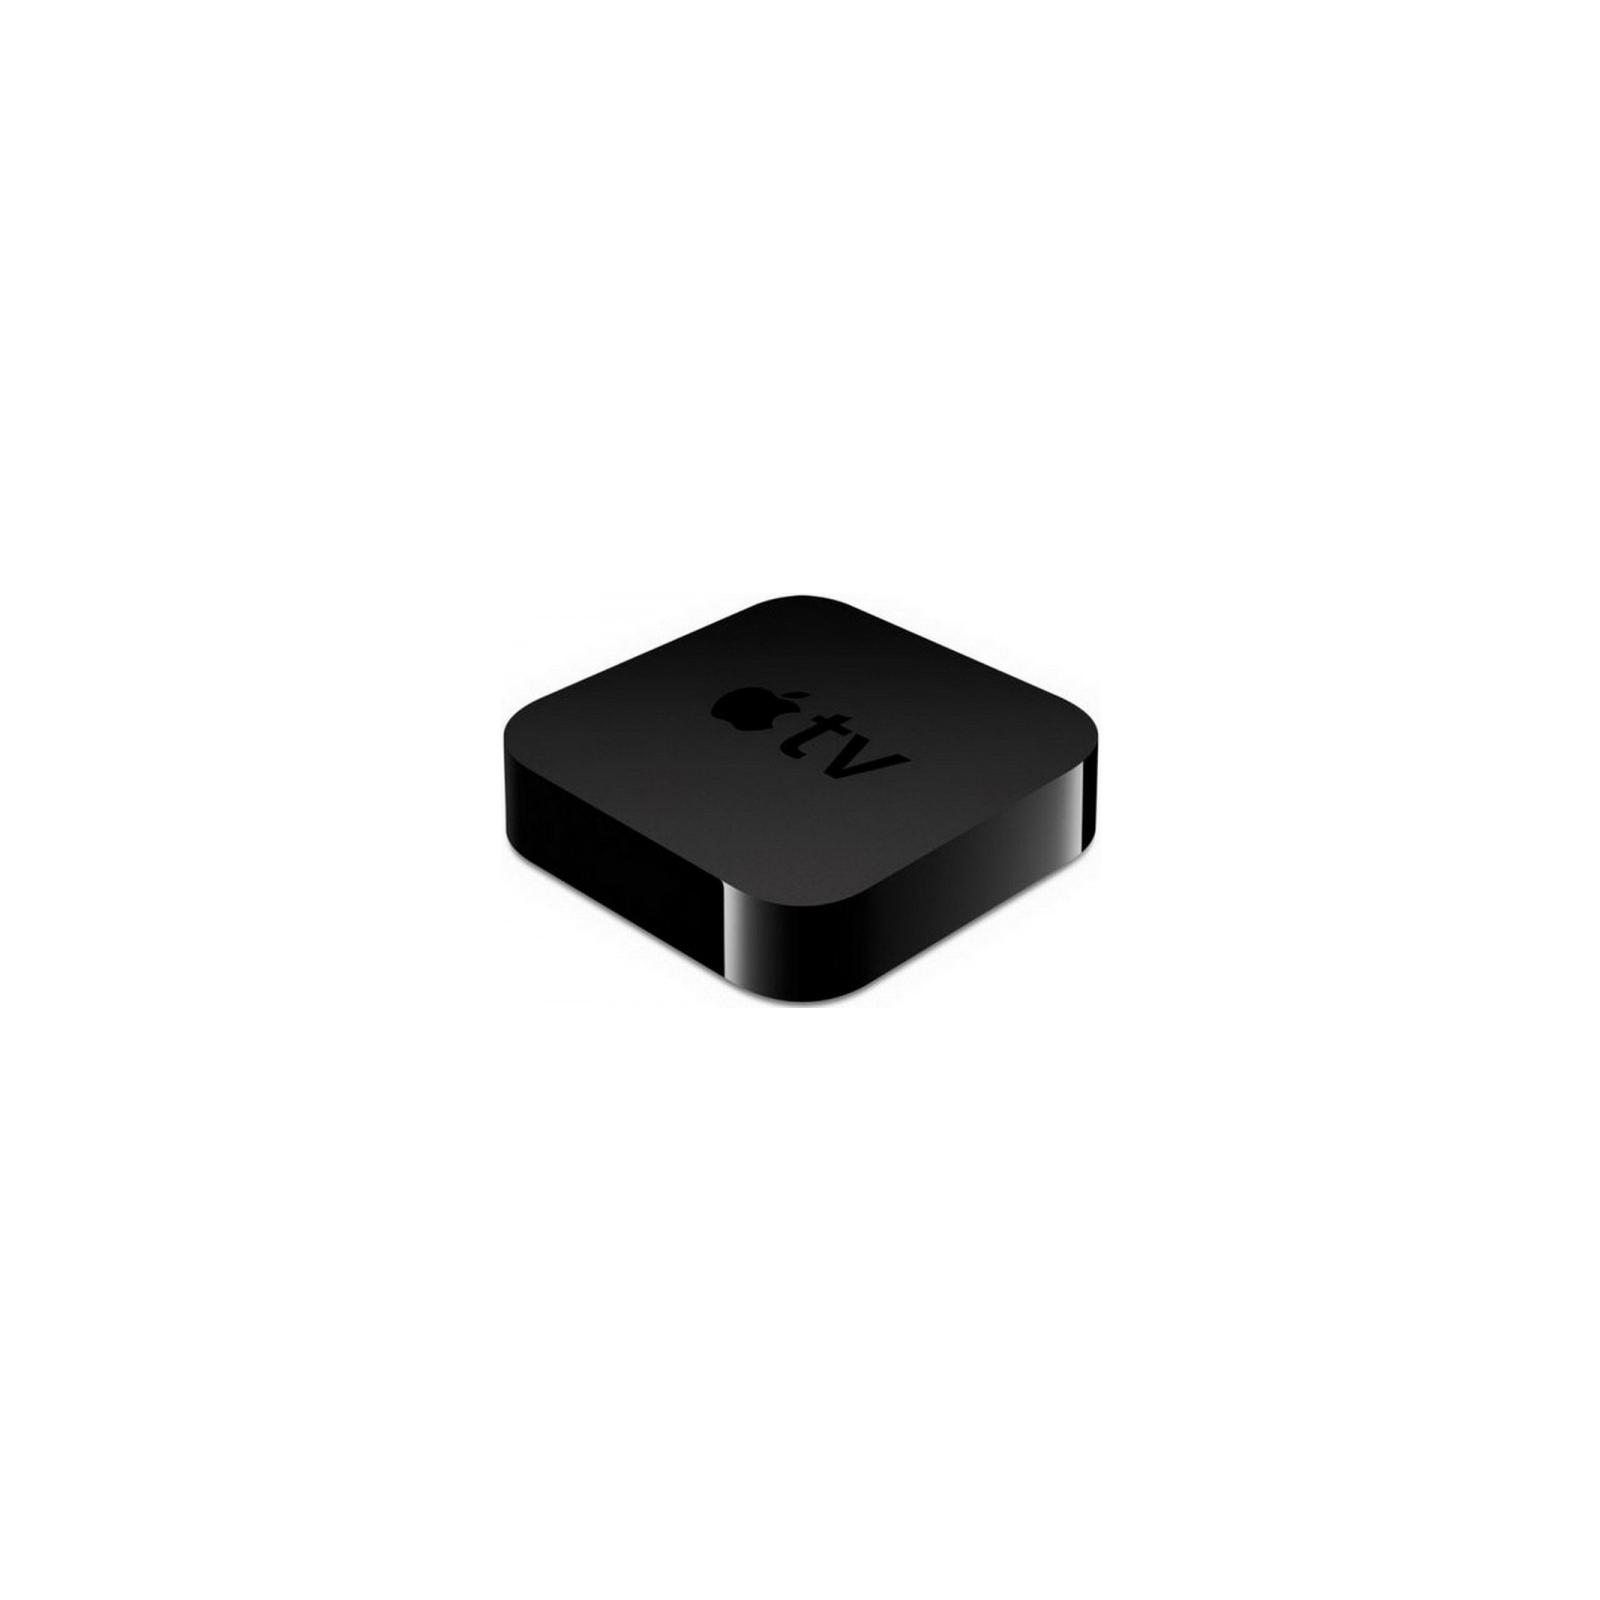 Медиаплеер Apple TV A1469 (Wi-Fi) (MD199RS/A) изображение 3